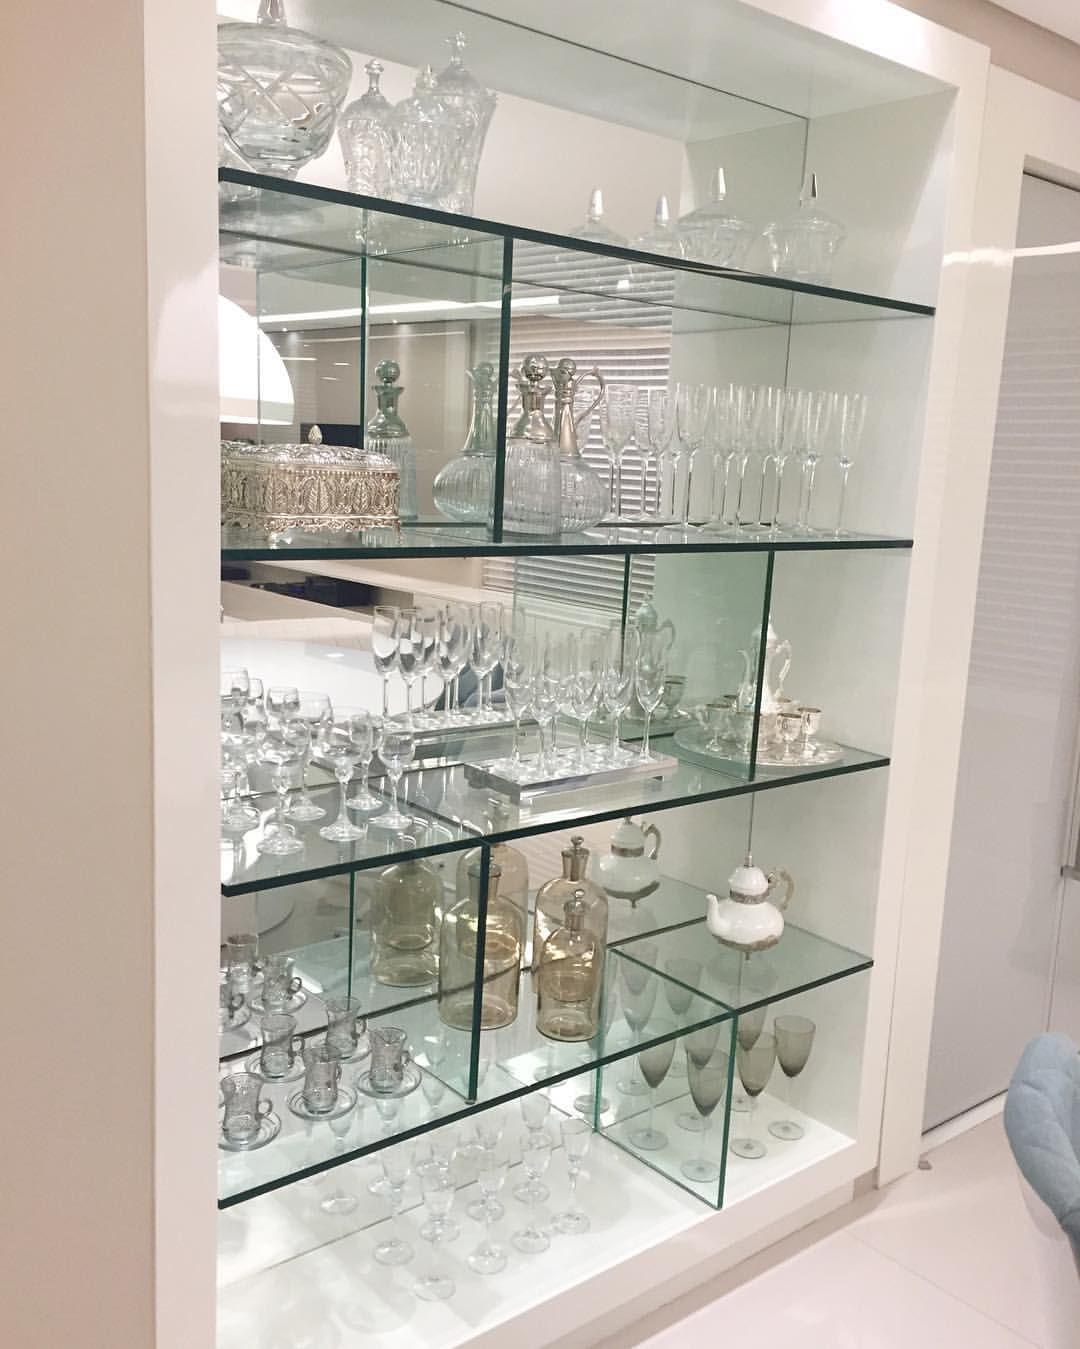 Cristaleira desenhada toda em vidro e espelho | Decoração de casa ...